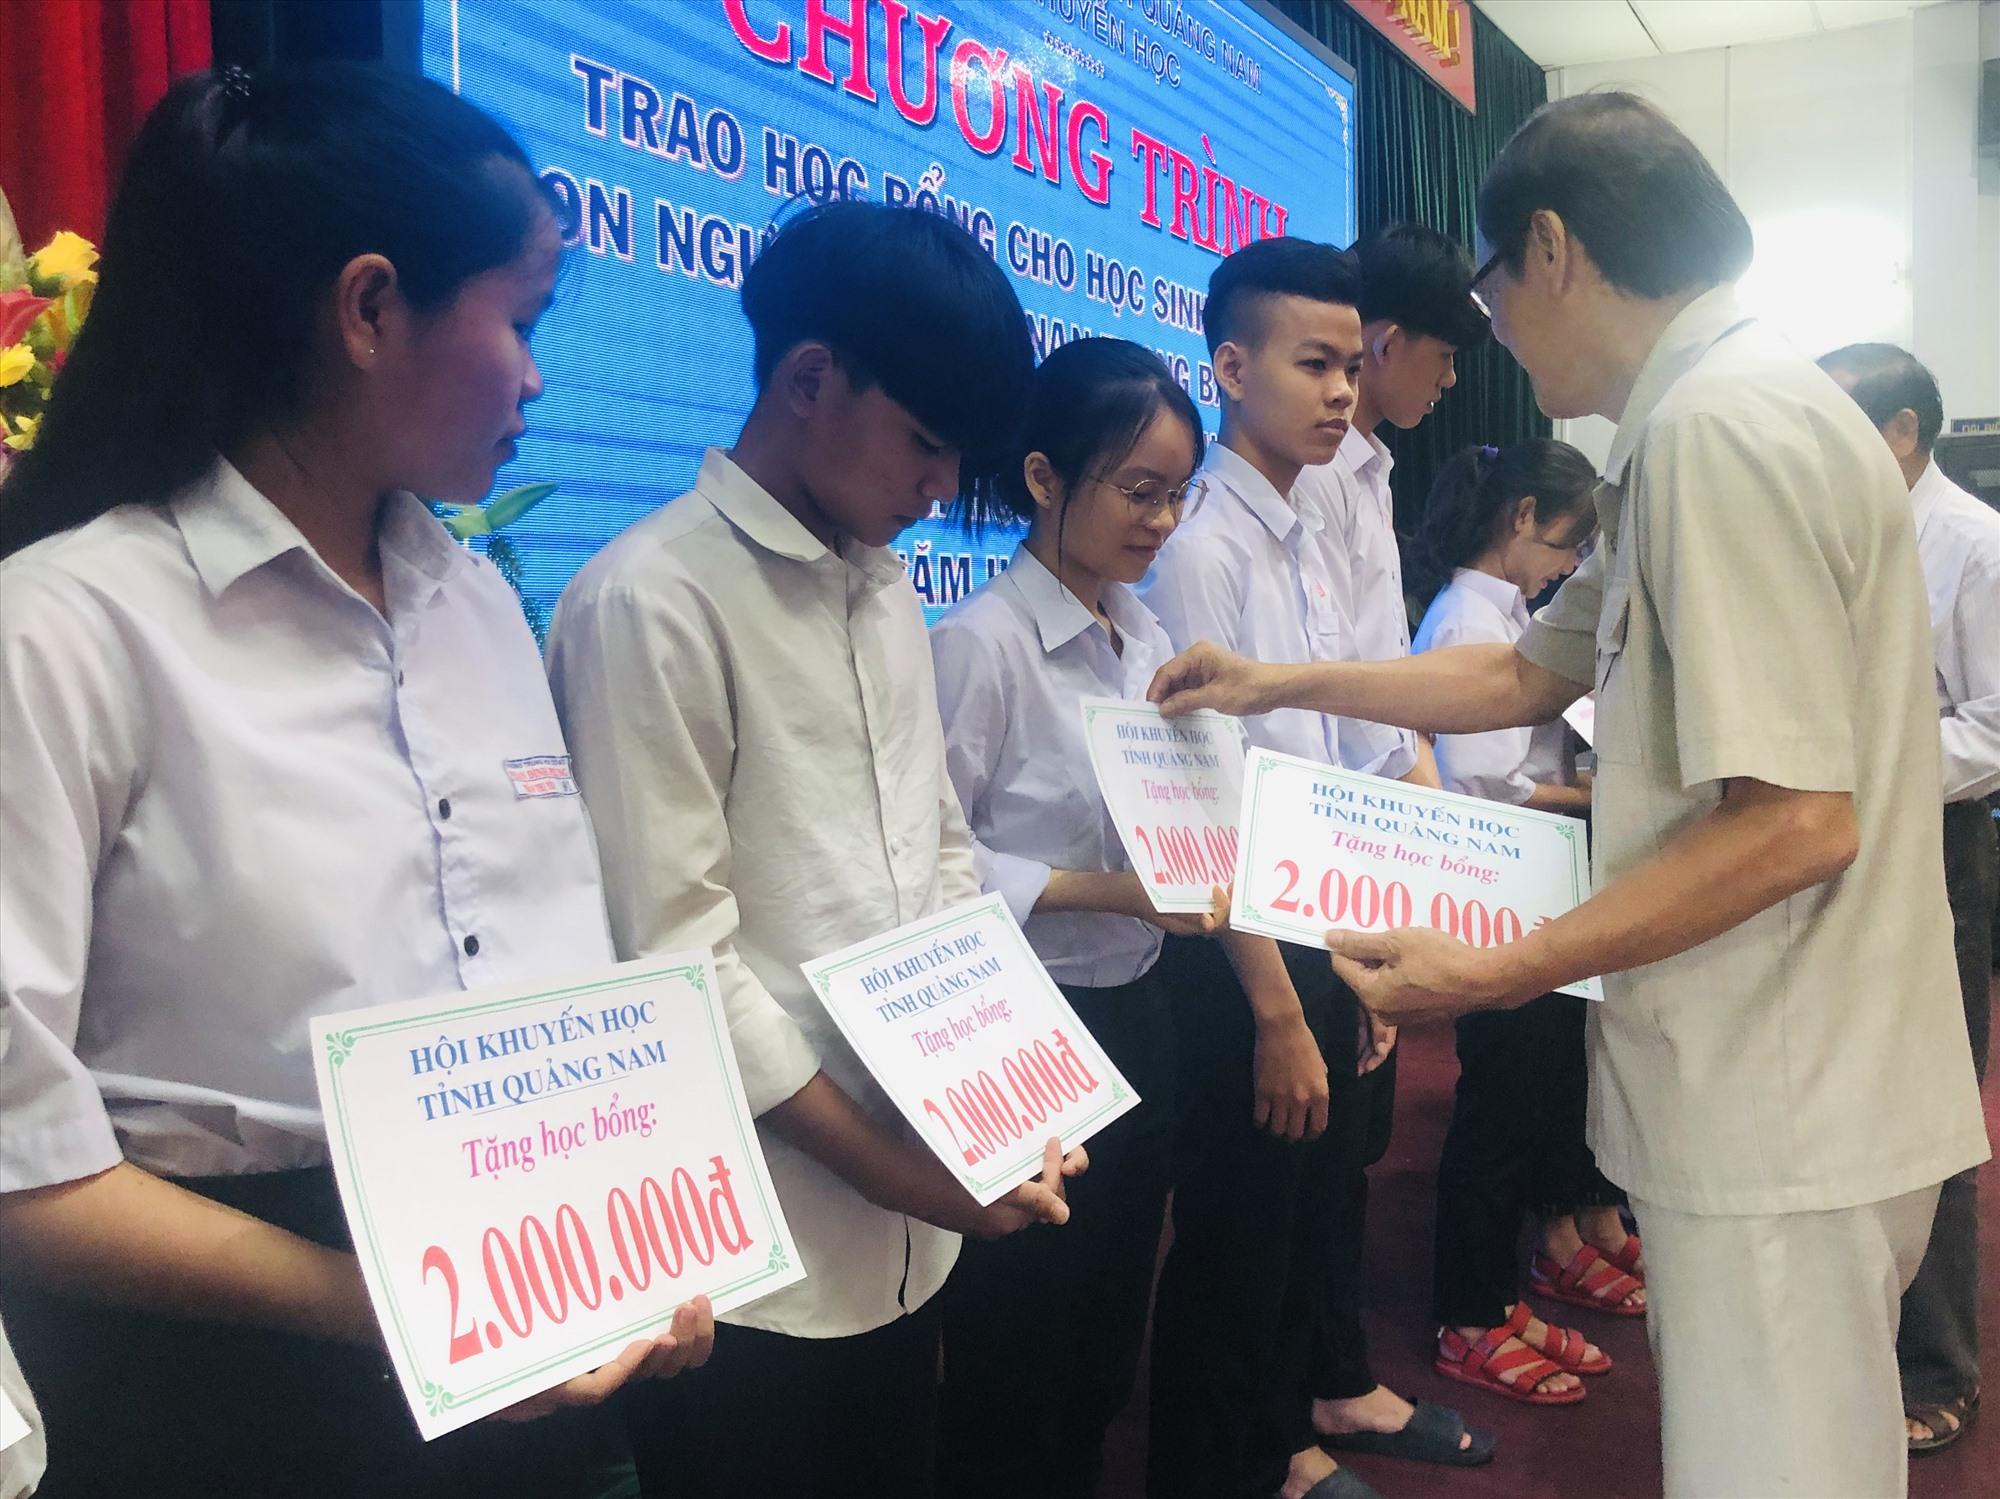 Trao học bổng chanchu cho các em học sinh có hoàn cảnh khó khăn. Ảnh: Hải Sương